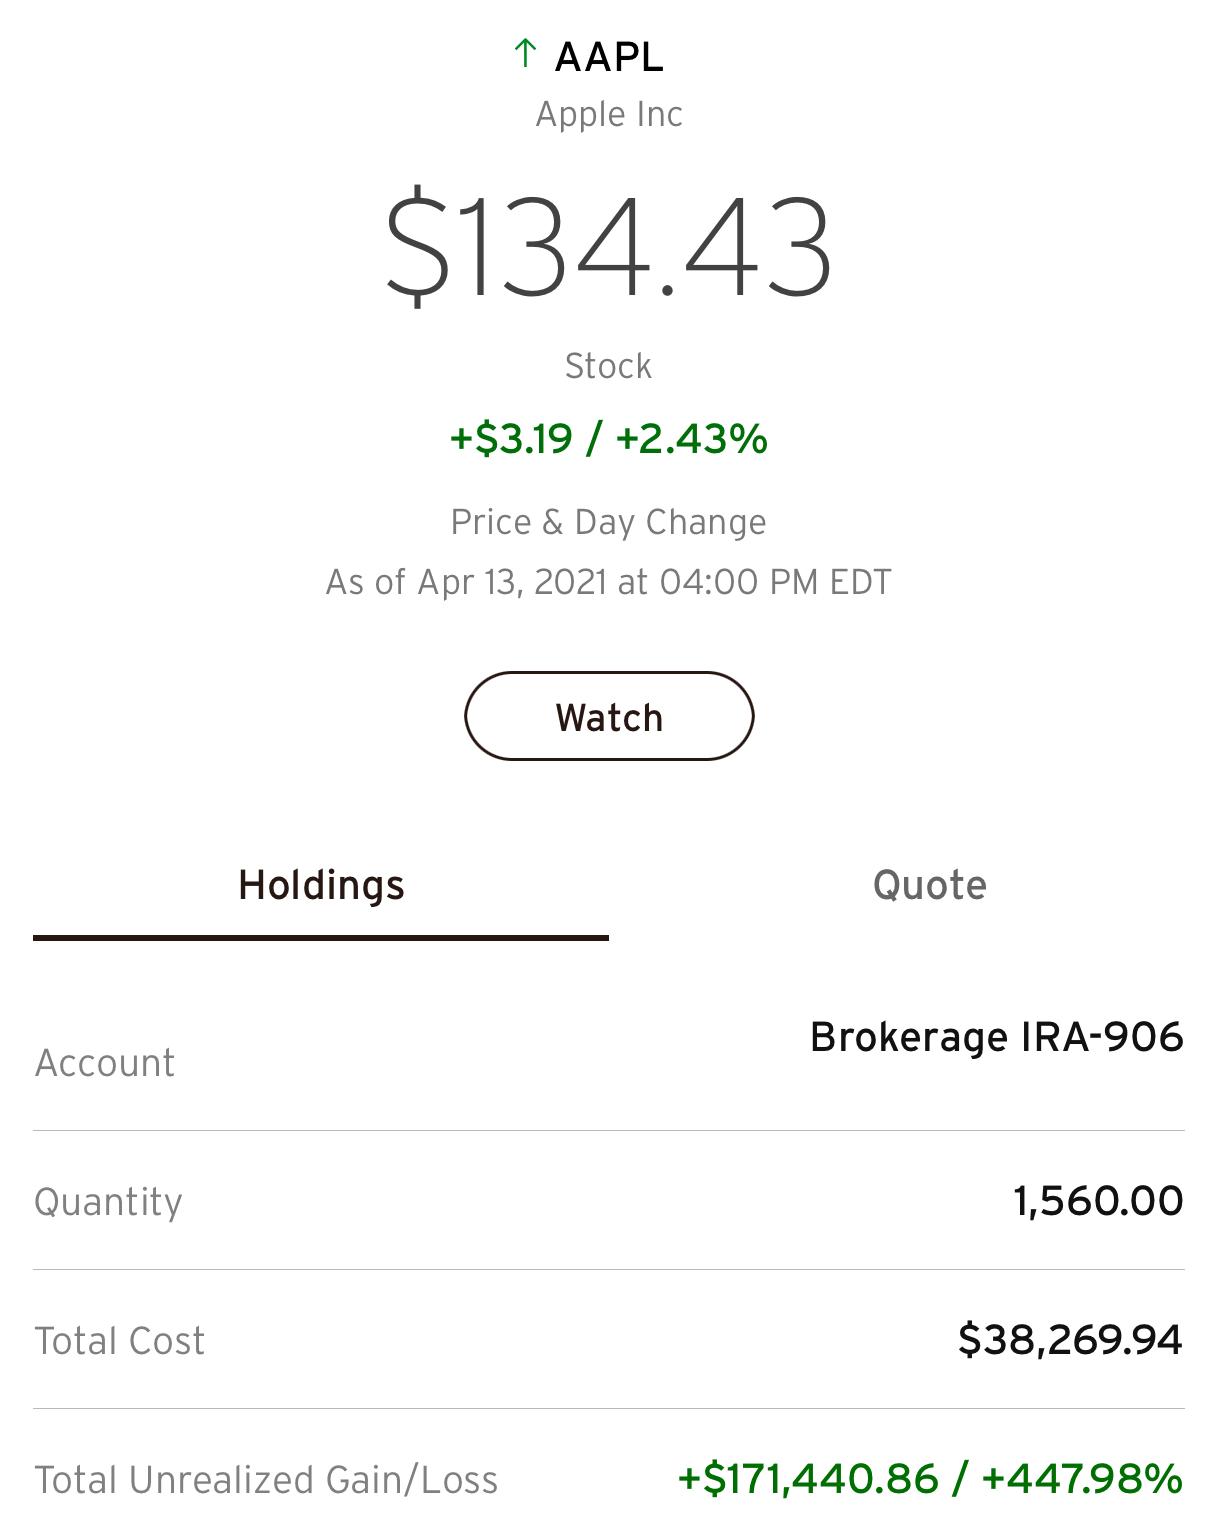 Avrei potuto essere un milionario 401K se fossi rimasto al mio lavoro